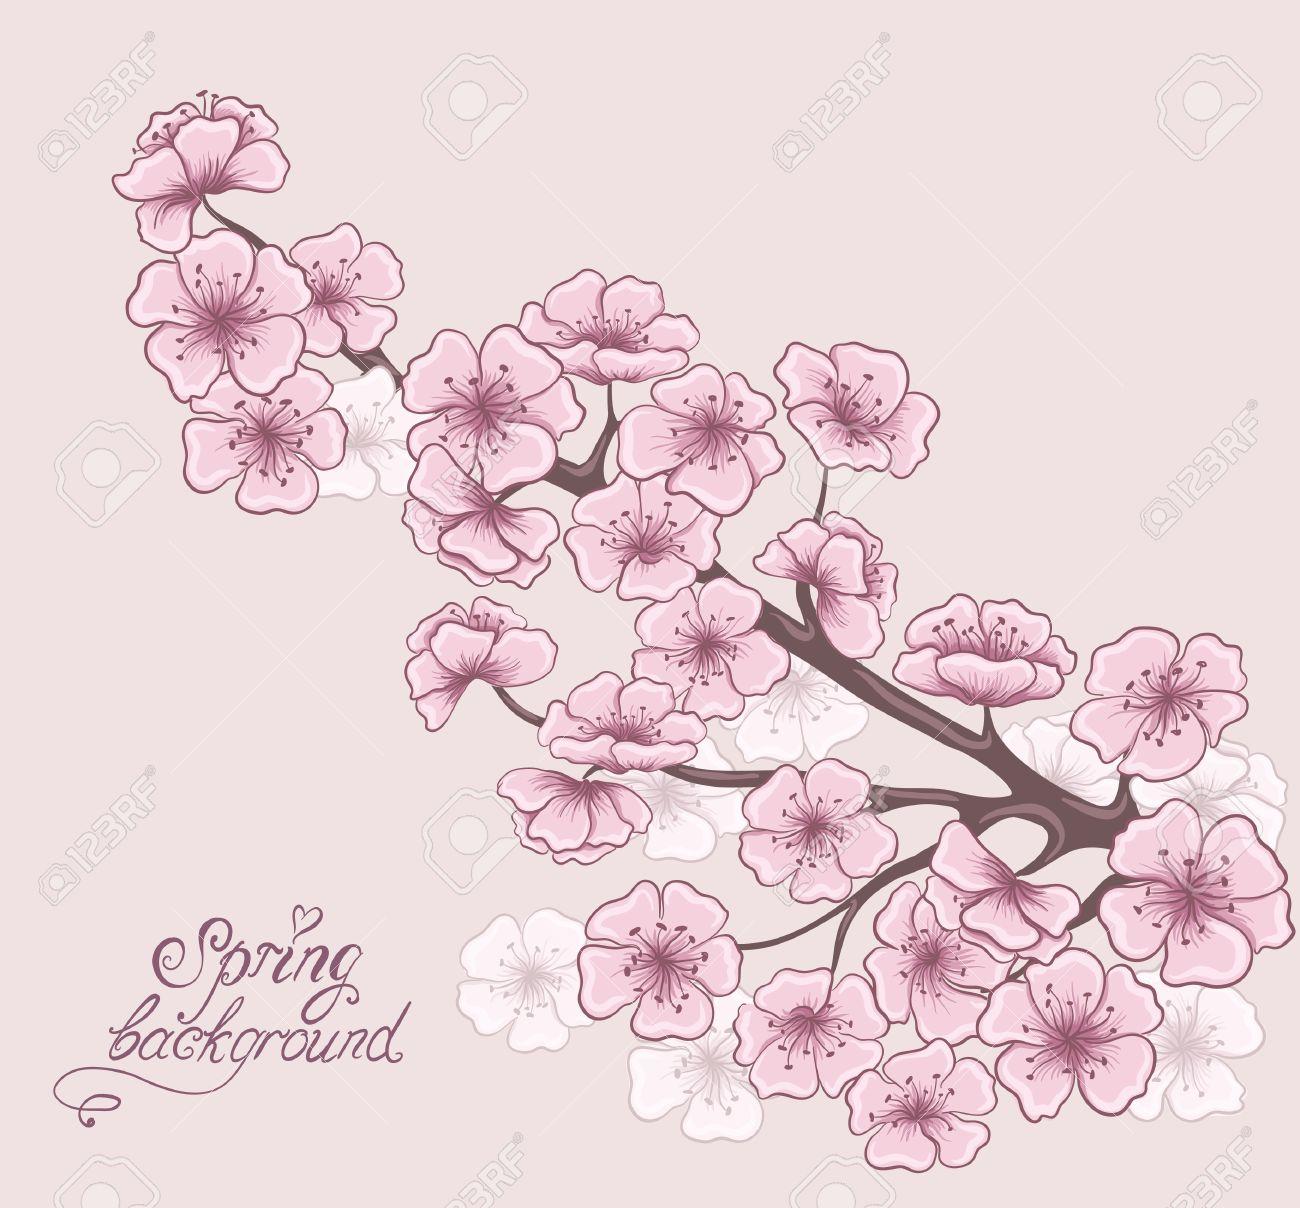 Branche De Cerisier En Fleur Decoratif Printemps Floraux Dessin A La Main Vector Illustration Clip Art Libres De Droits Vecteurs Et Illustration Image 26068148